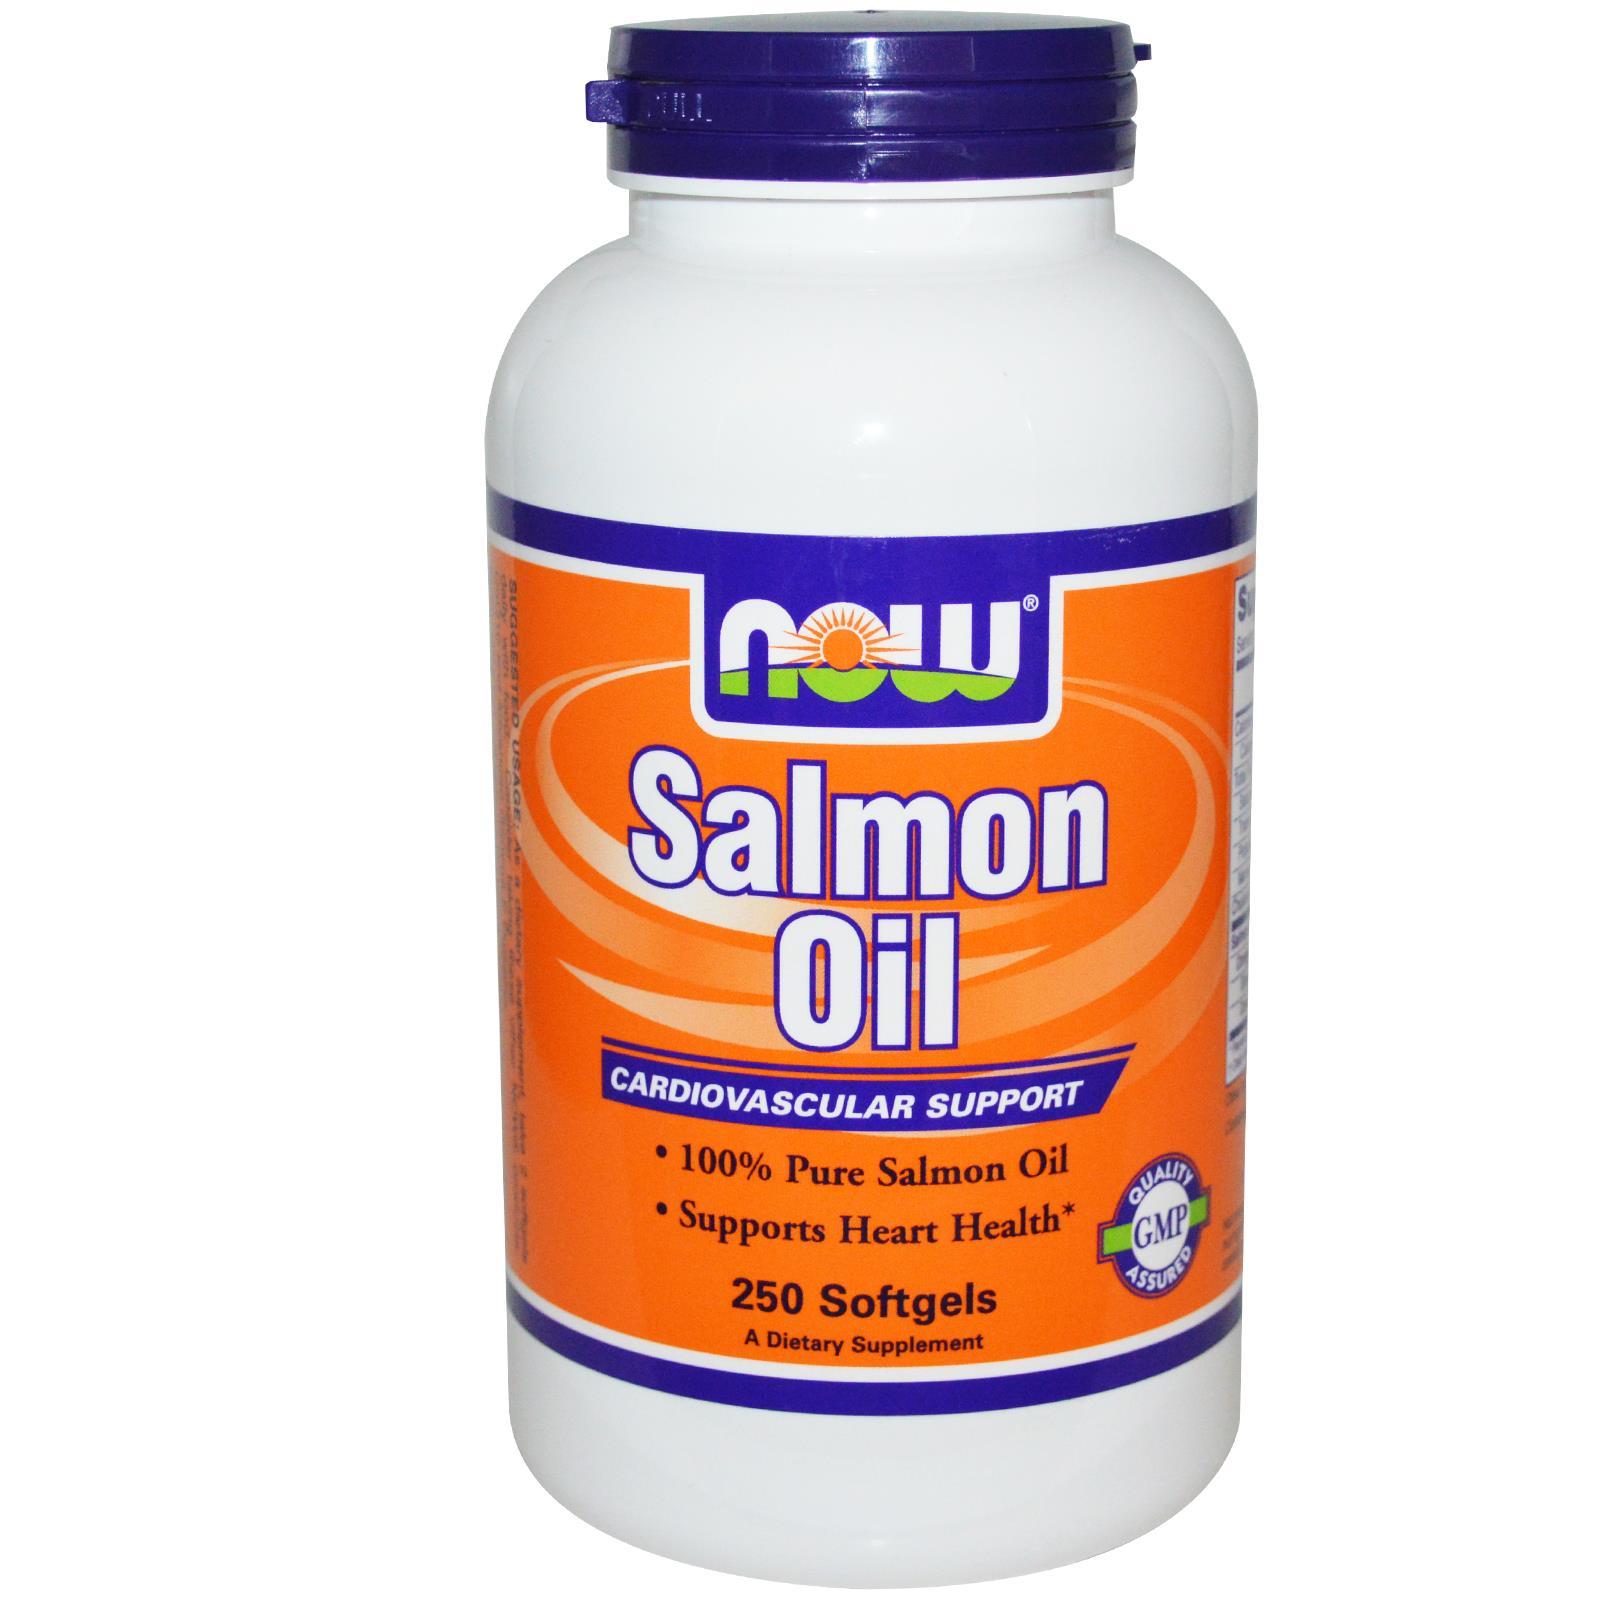 NOW FOOD Salmon Oil cung cấp EPA, DHA duy trì sức khỏe hệ tim mạch